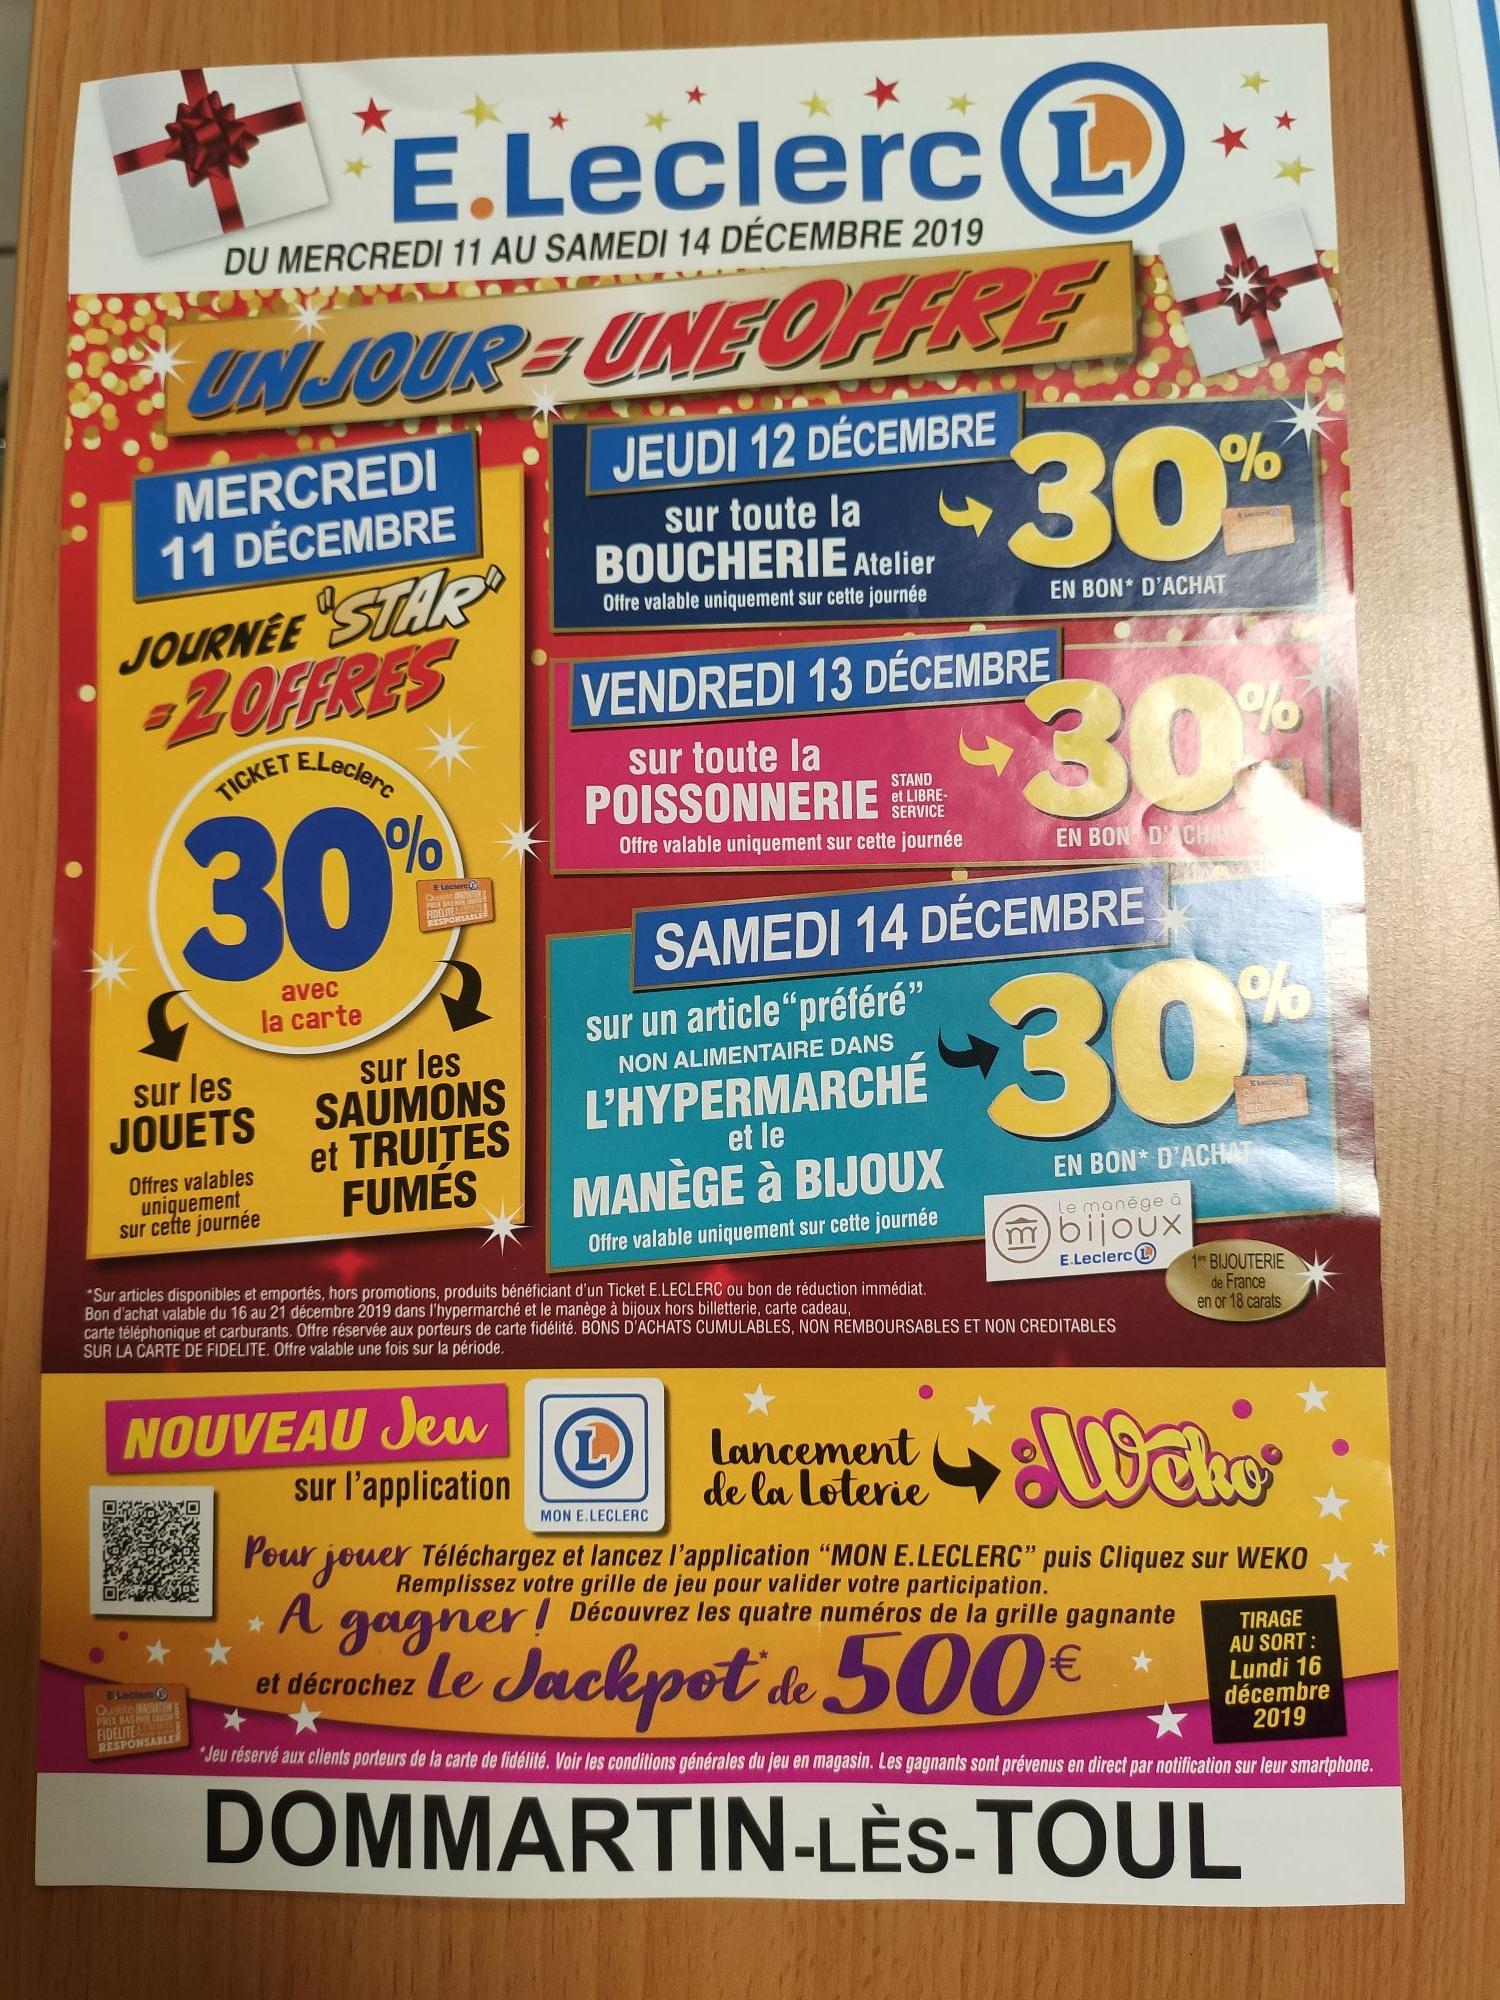 30% offerts en bon d'achat sur l'article préféré - Dommartin-lès-Toul (54)